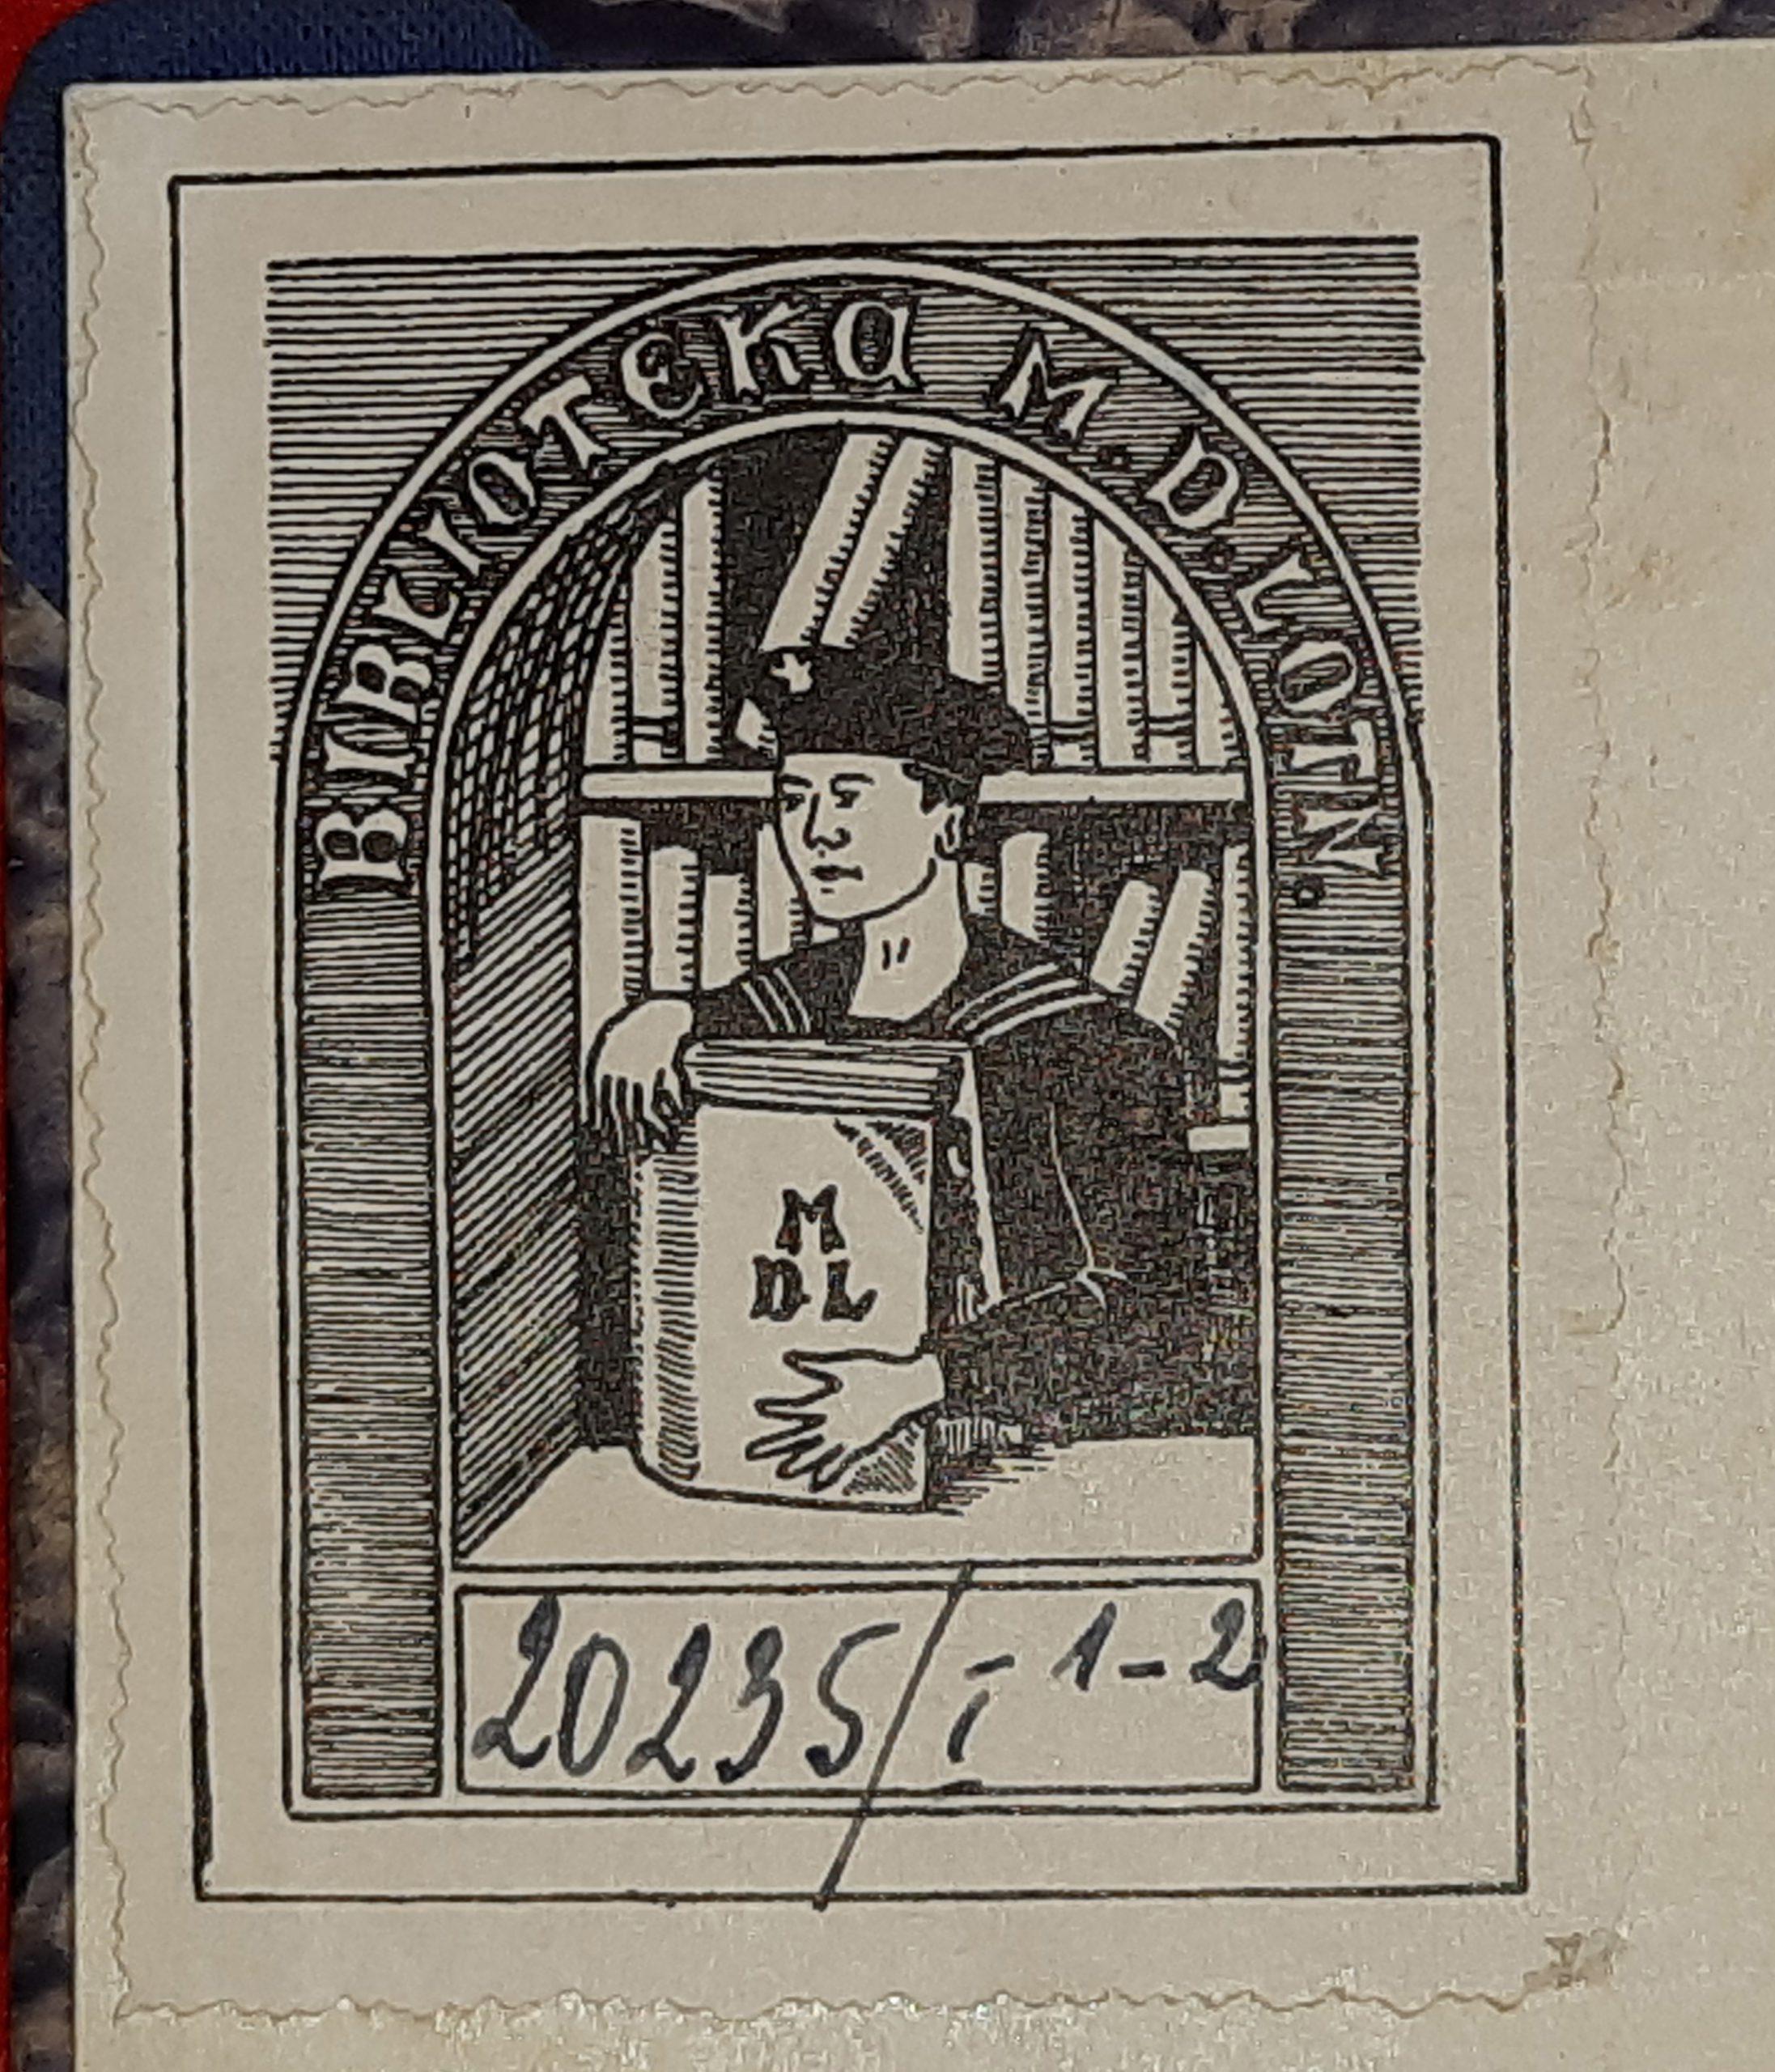 Czarnobiały ekslibris Biblioteki Morskiego Dywizjonu Lotniczego. Ekslibris składa się z napisu Biblioteka M.D.LOTN. pod napisem widoczna jest rycina stojącego marynarza w czapce, który w dłoniach trzyma książkę. Za marynarzem znajdują się półki z książkami. Pod ryciną wypisany jest numer inwentrzowy książki: 20235/I 1-2 .